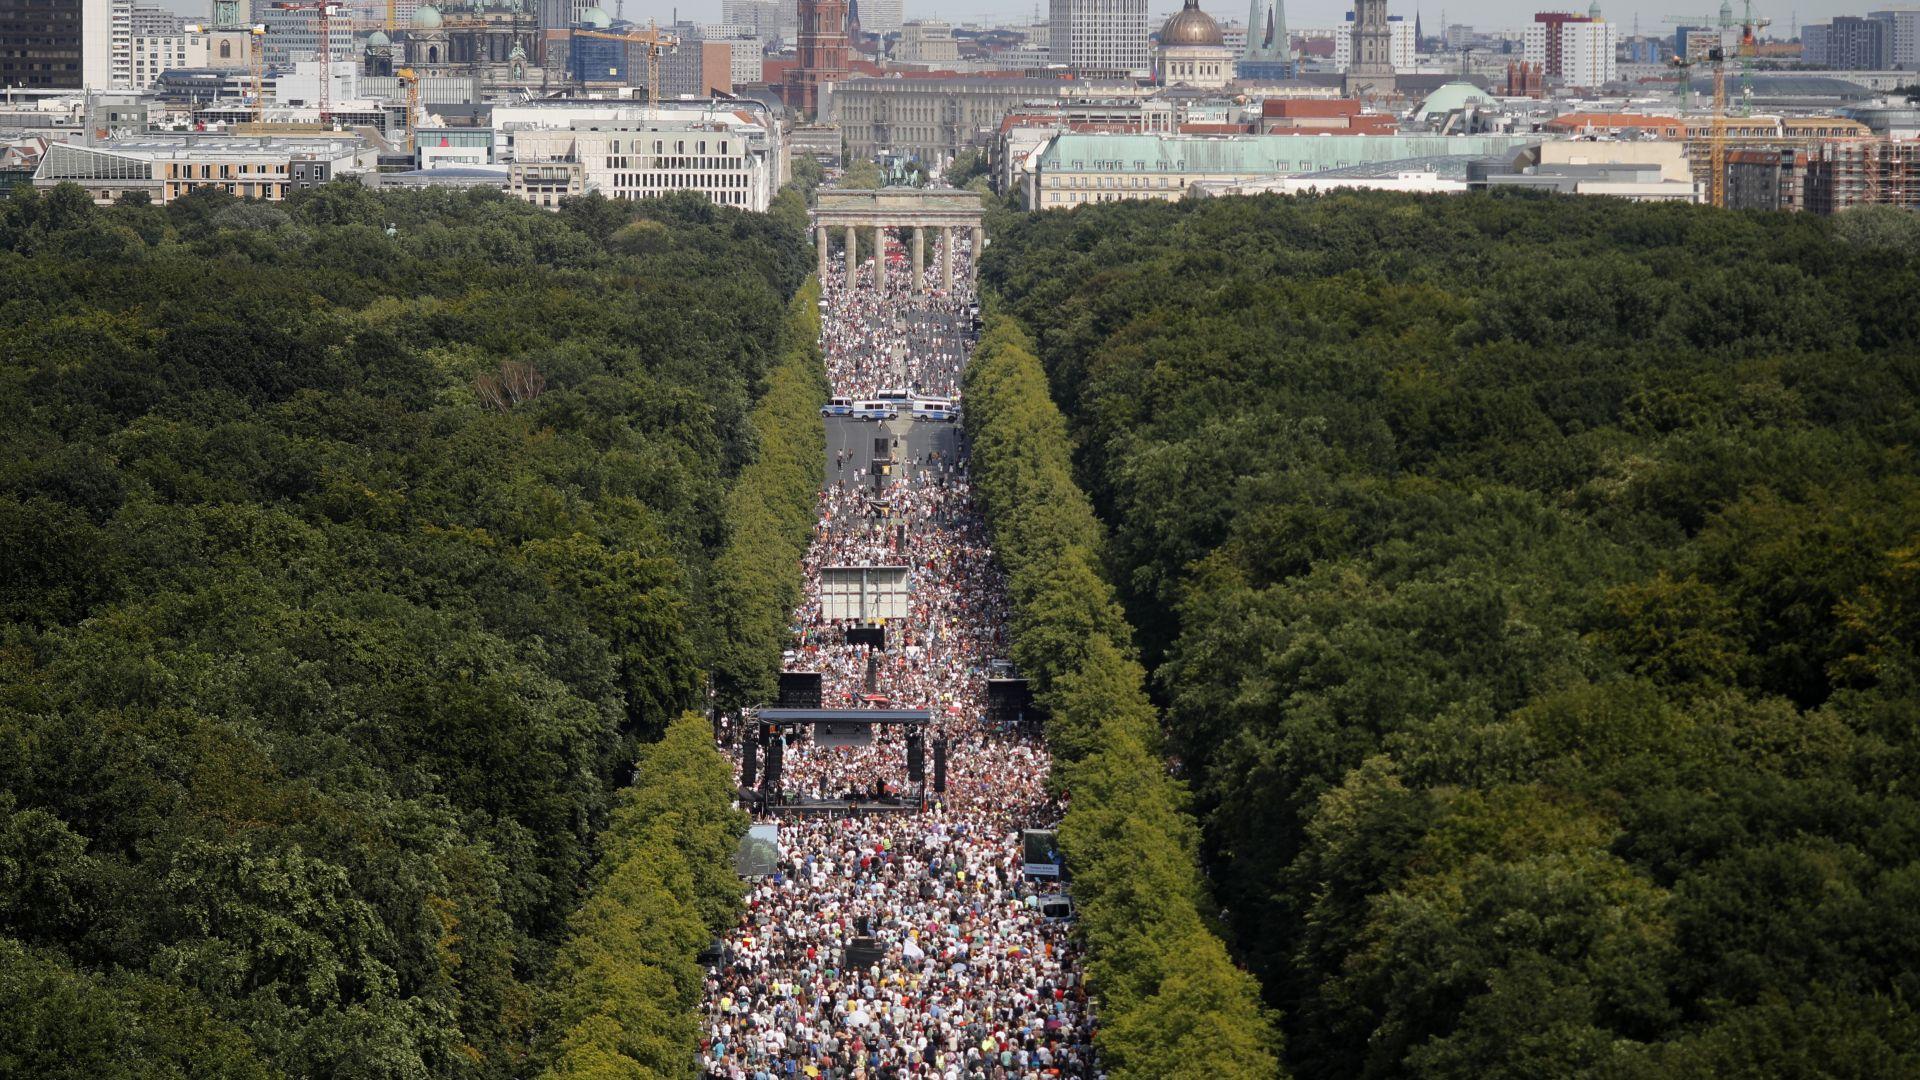 Без маски и социална дистанция: Мощен протест срещу ограниченията в Берлин (снимки)